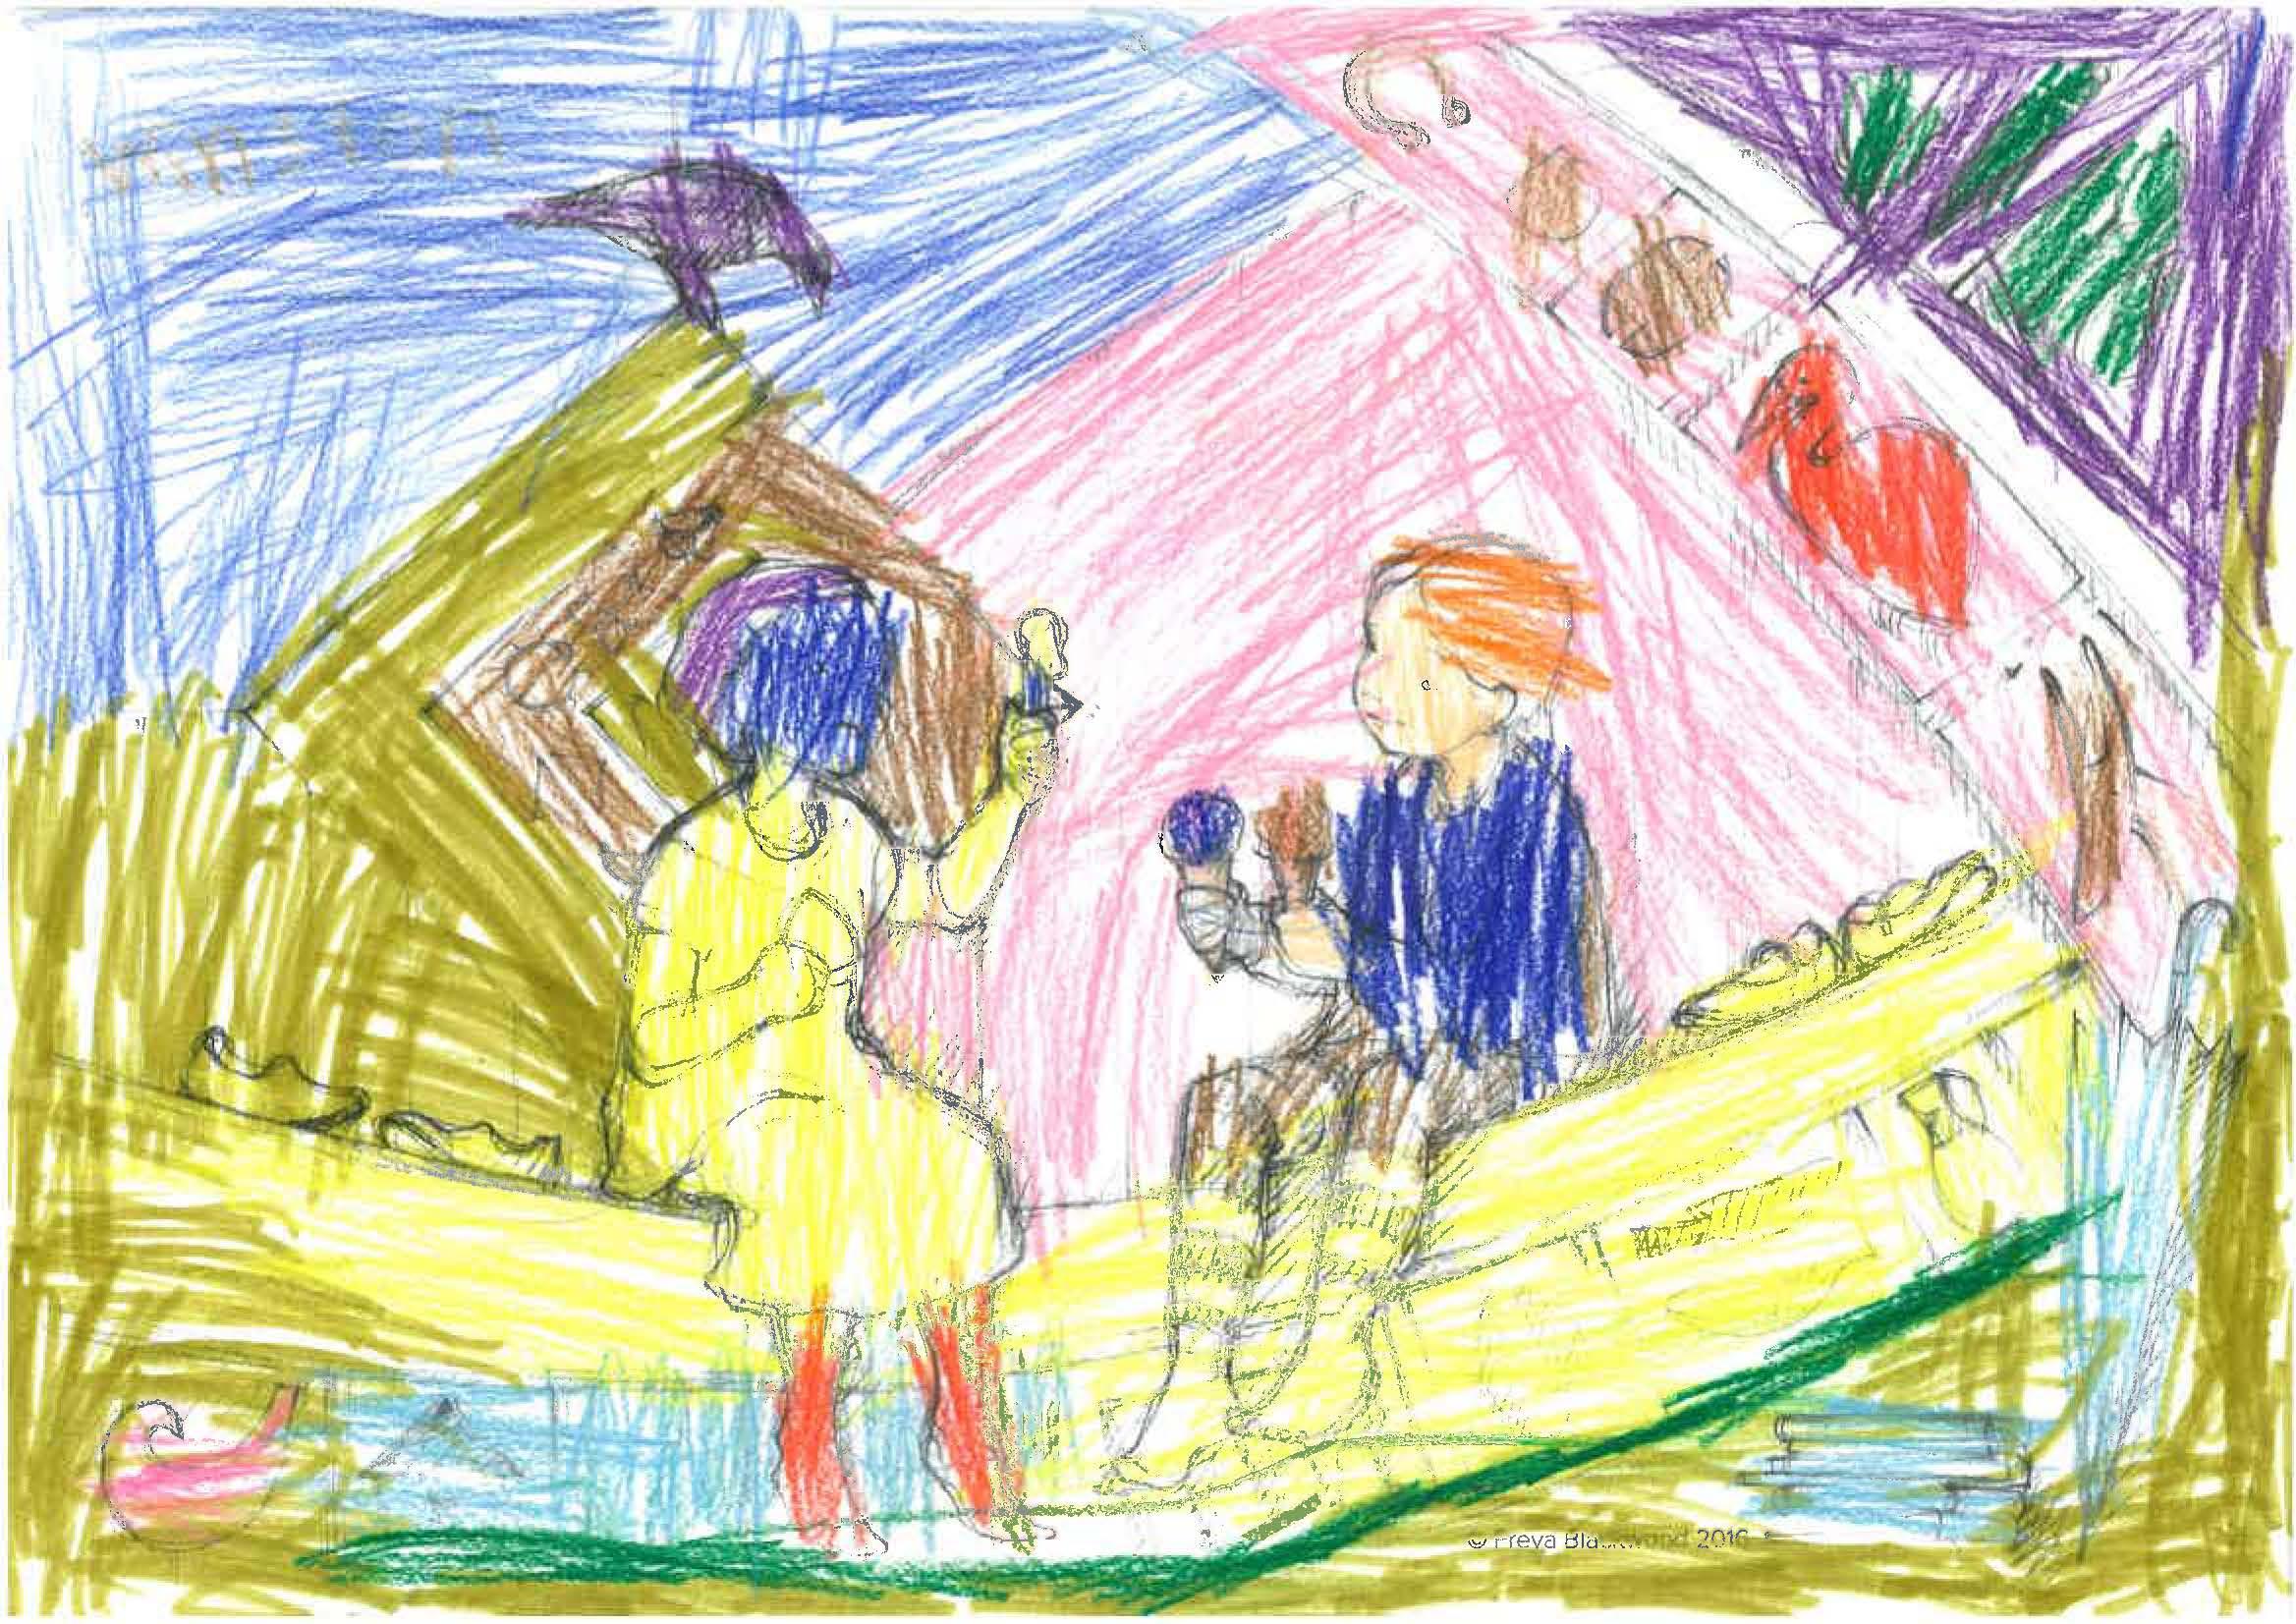 Winston, age 6, Woollahra Public School, NSW